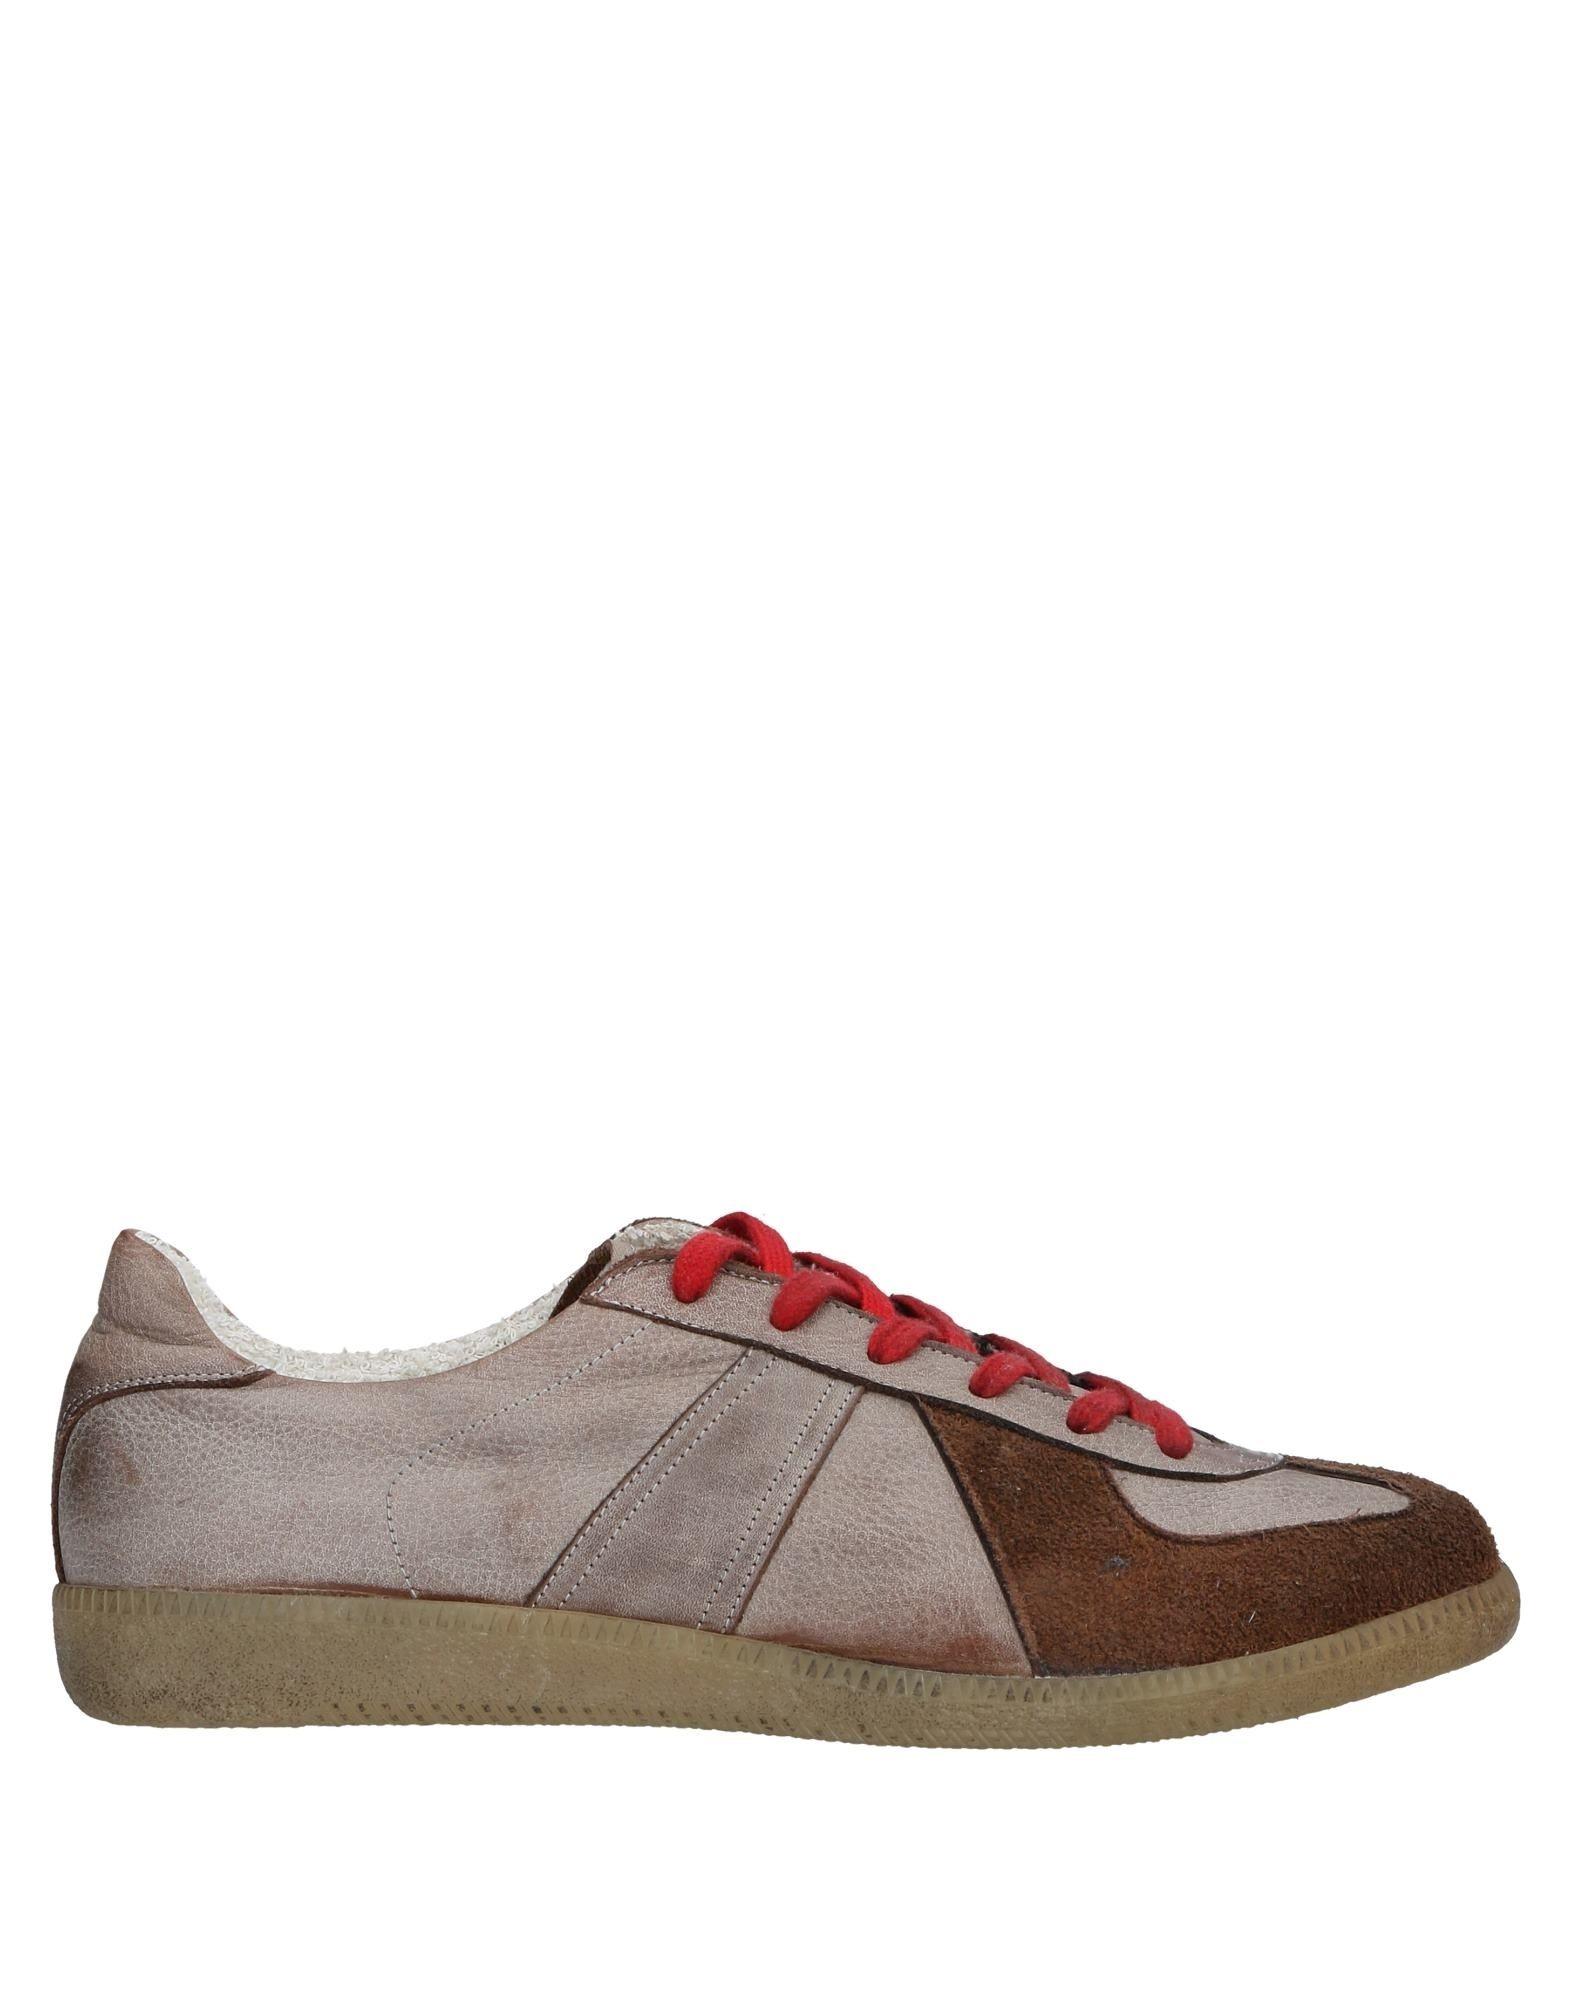 Sneakers Daniele Alessandrini Homme Uomo - 11534425MC